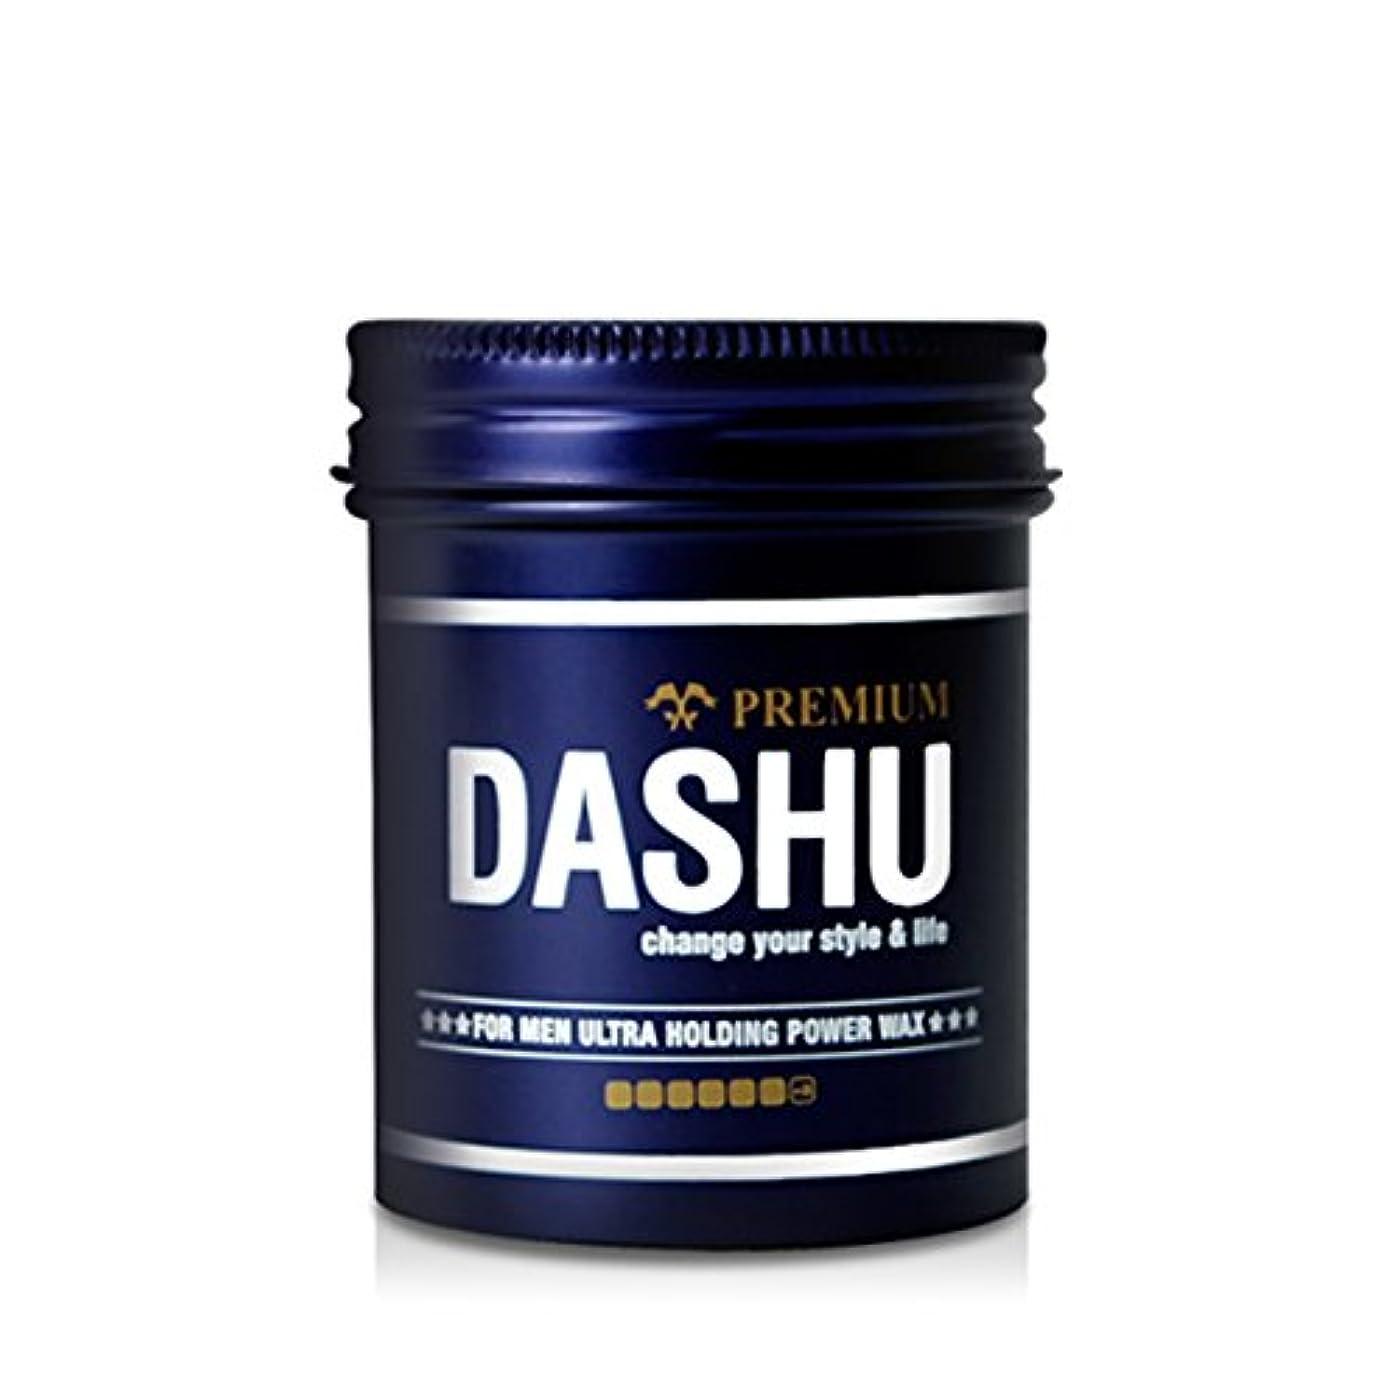 シールド銀行白い[DASHU] ダシュ For Men男性用 プレミアムウルトラホールディングパワーワックス Premium Ultra Holding Power Hair Wax 100ml/ 韓国製 . 韓国直送品